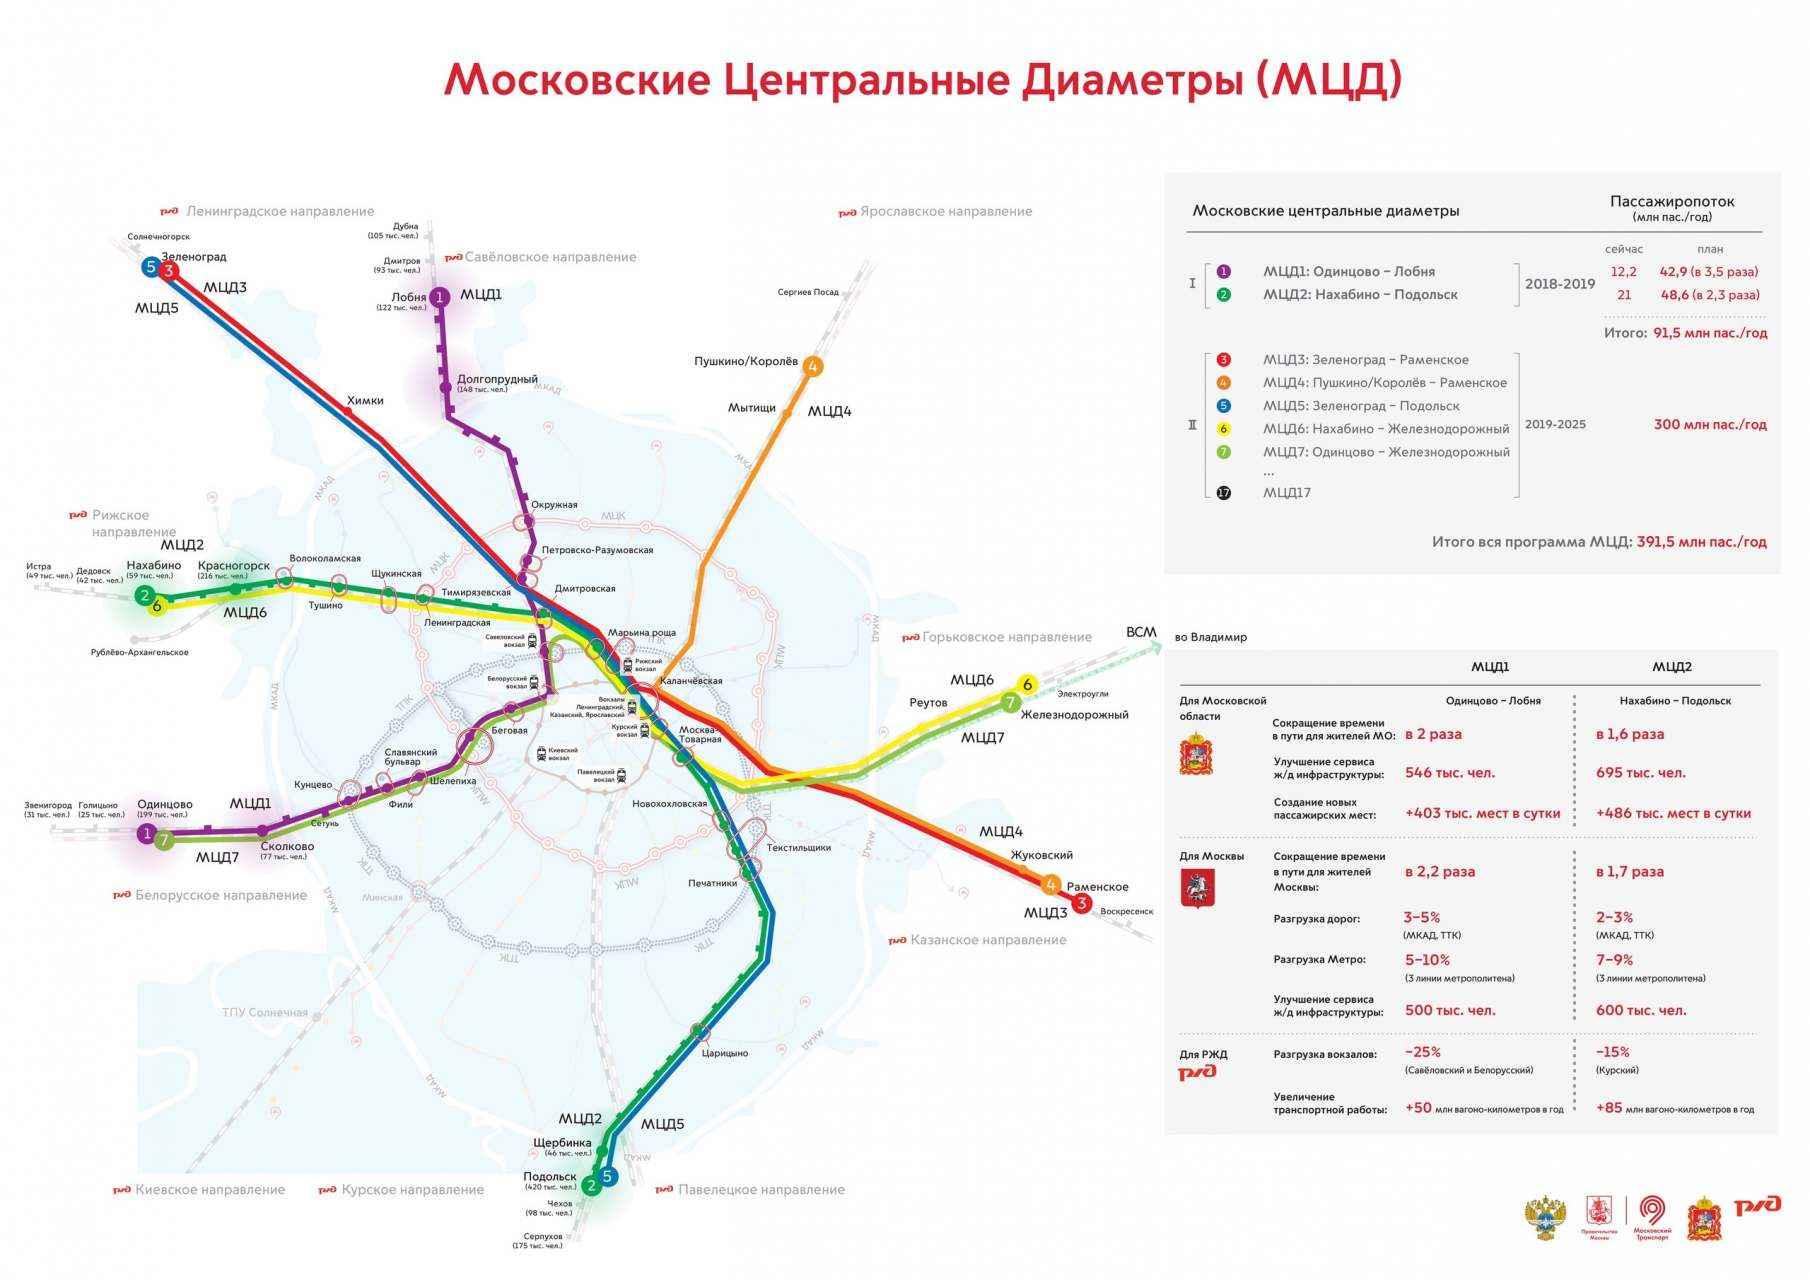 Строительства легкого метро в подмосковье схема6